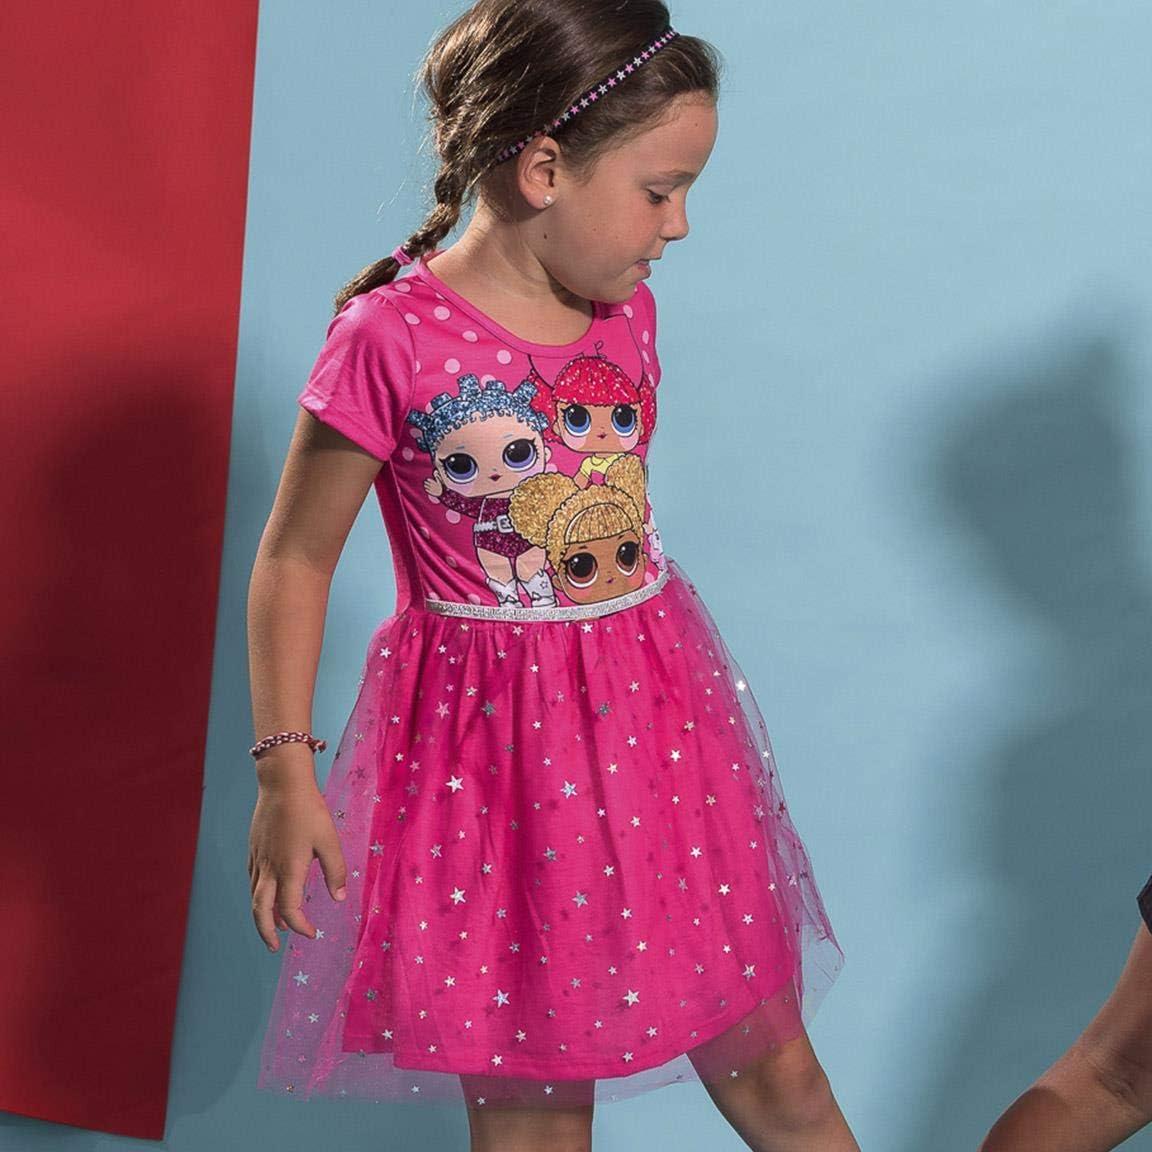 Regalo per Bambina 5 a 12 Anni Gonna in Tulle Tutu Balletto Luccicante 3D Vestito a Maniche Corte per Bambina L O L Surprise Festa di Compleanno Principessa Vestito Estivo